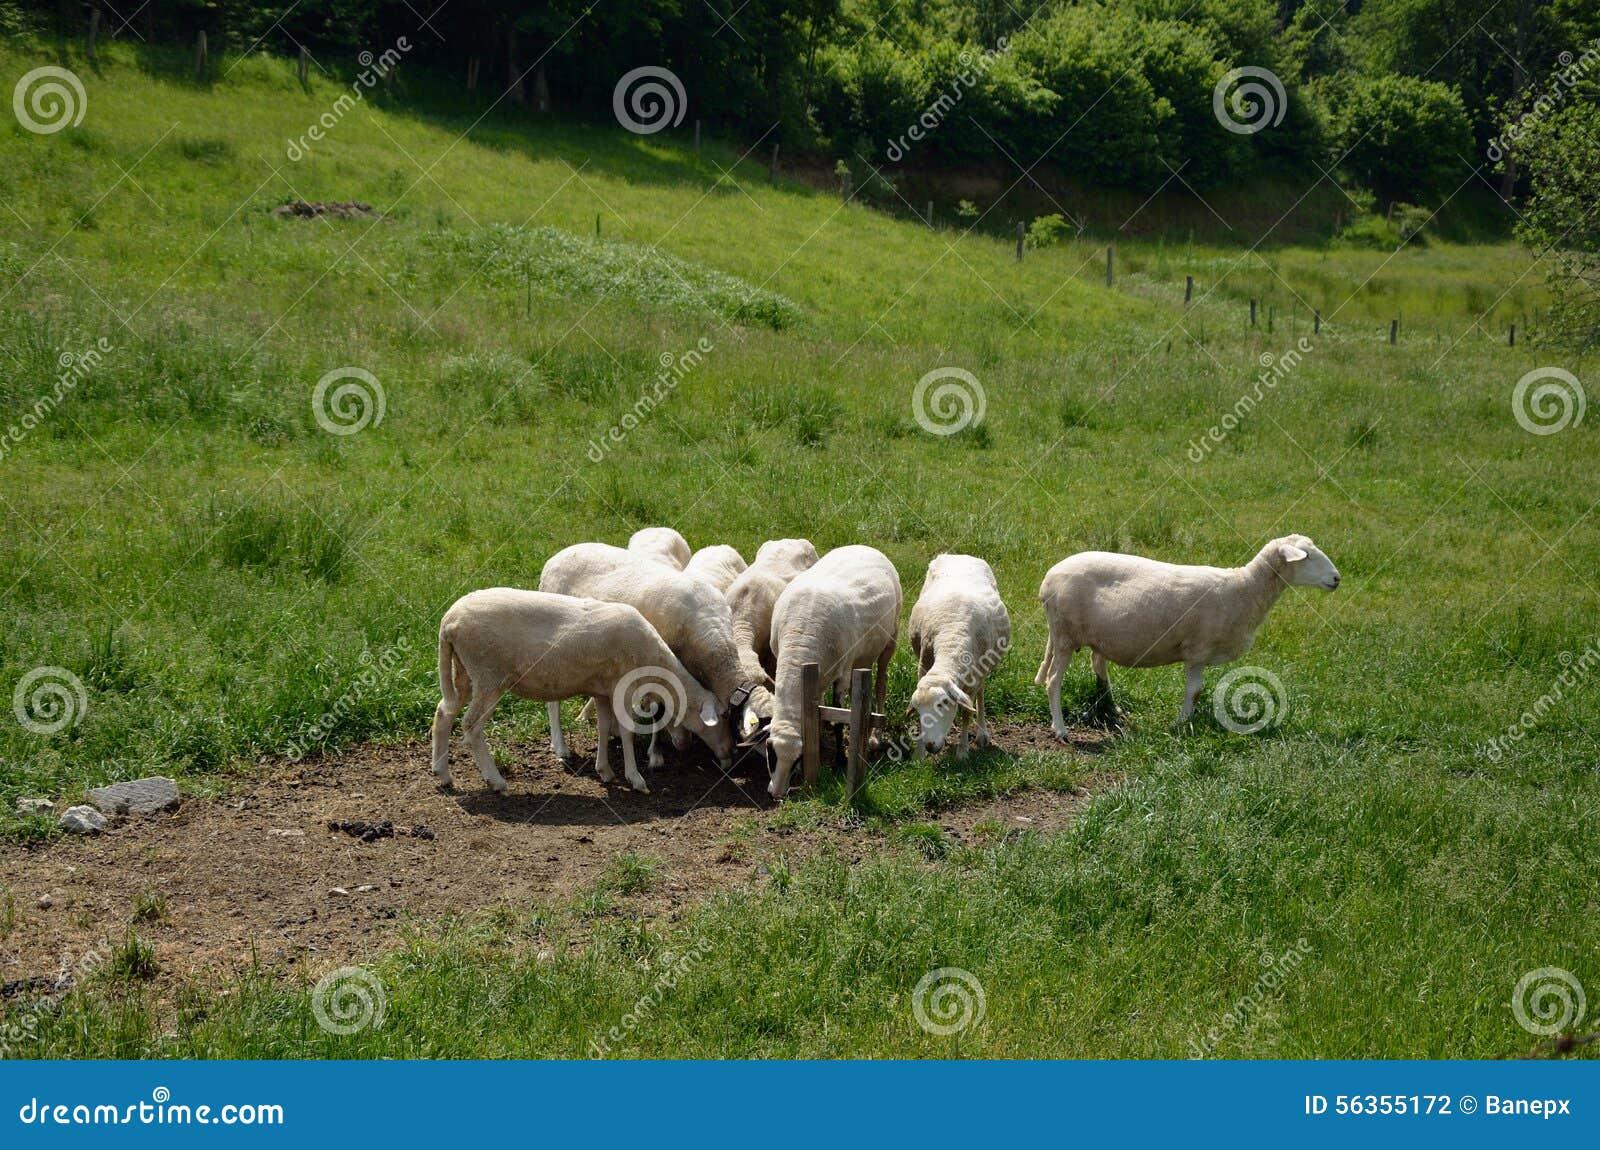 White sheep herd - photo#5